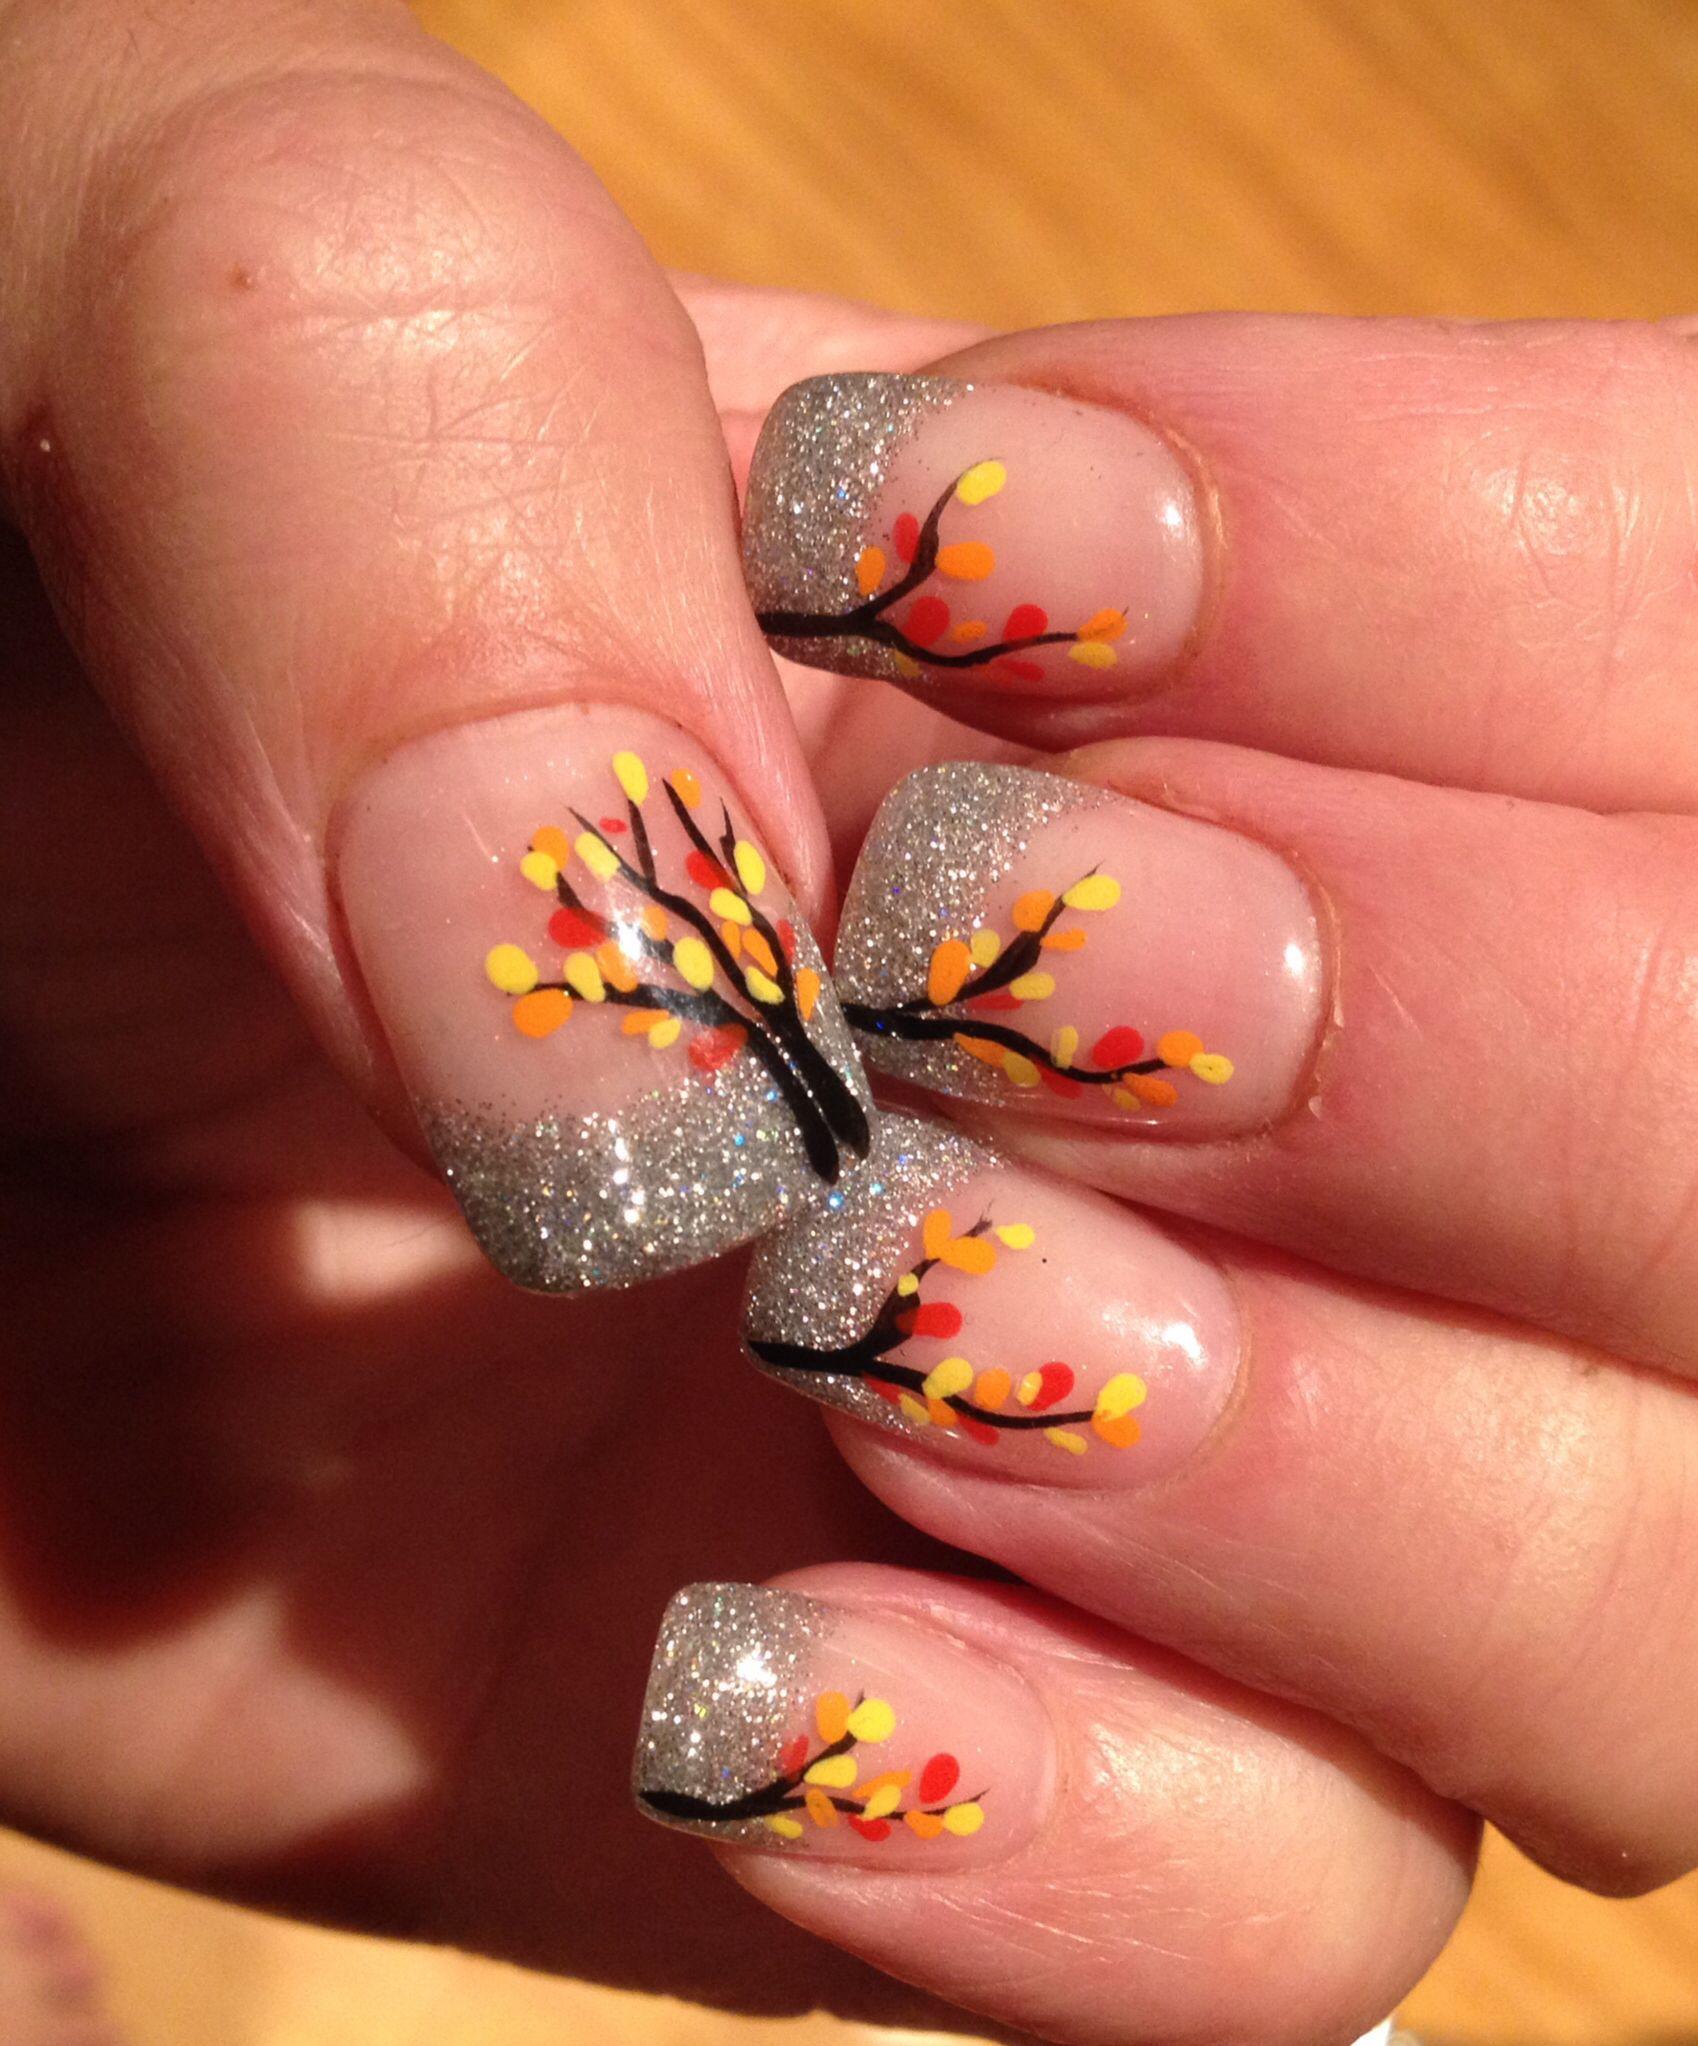 Fun Fall Nail Designs: Fall Nails Done By Kayla At Salon Hush In Saskatoon